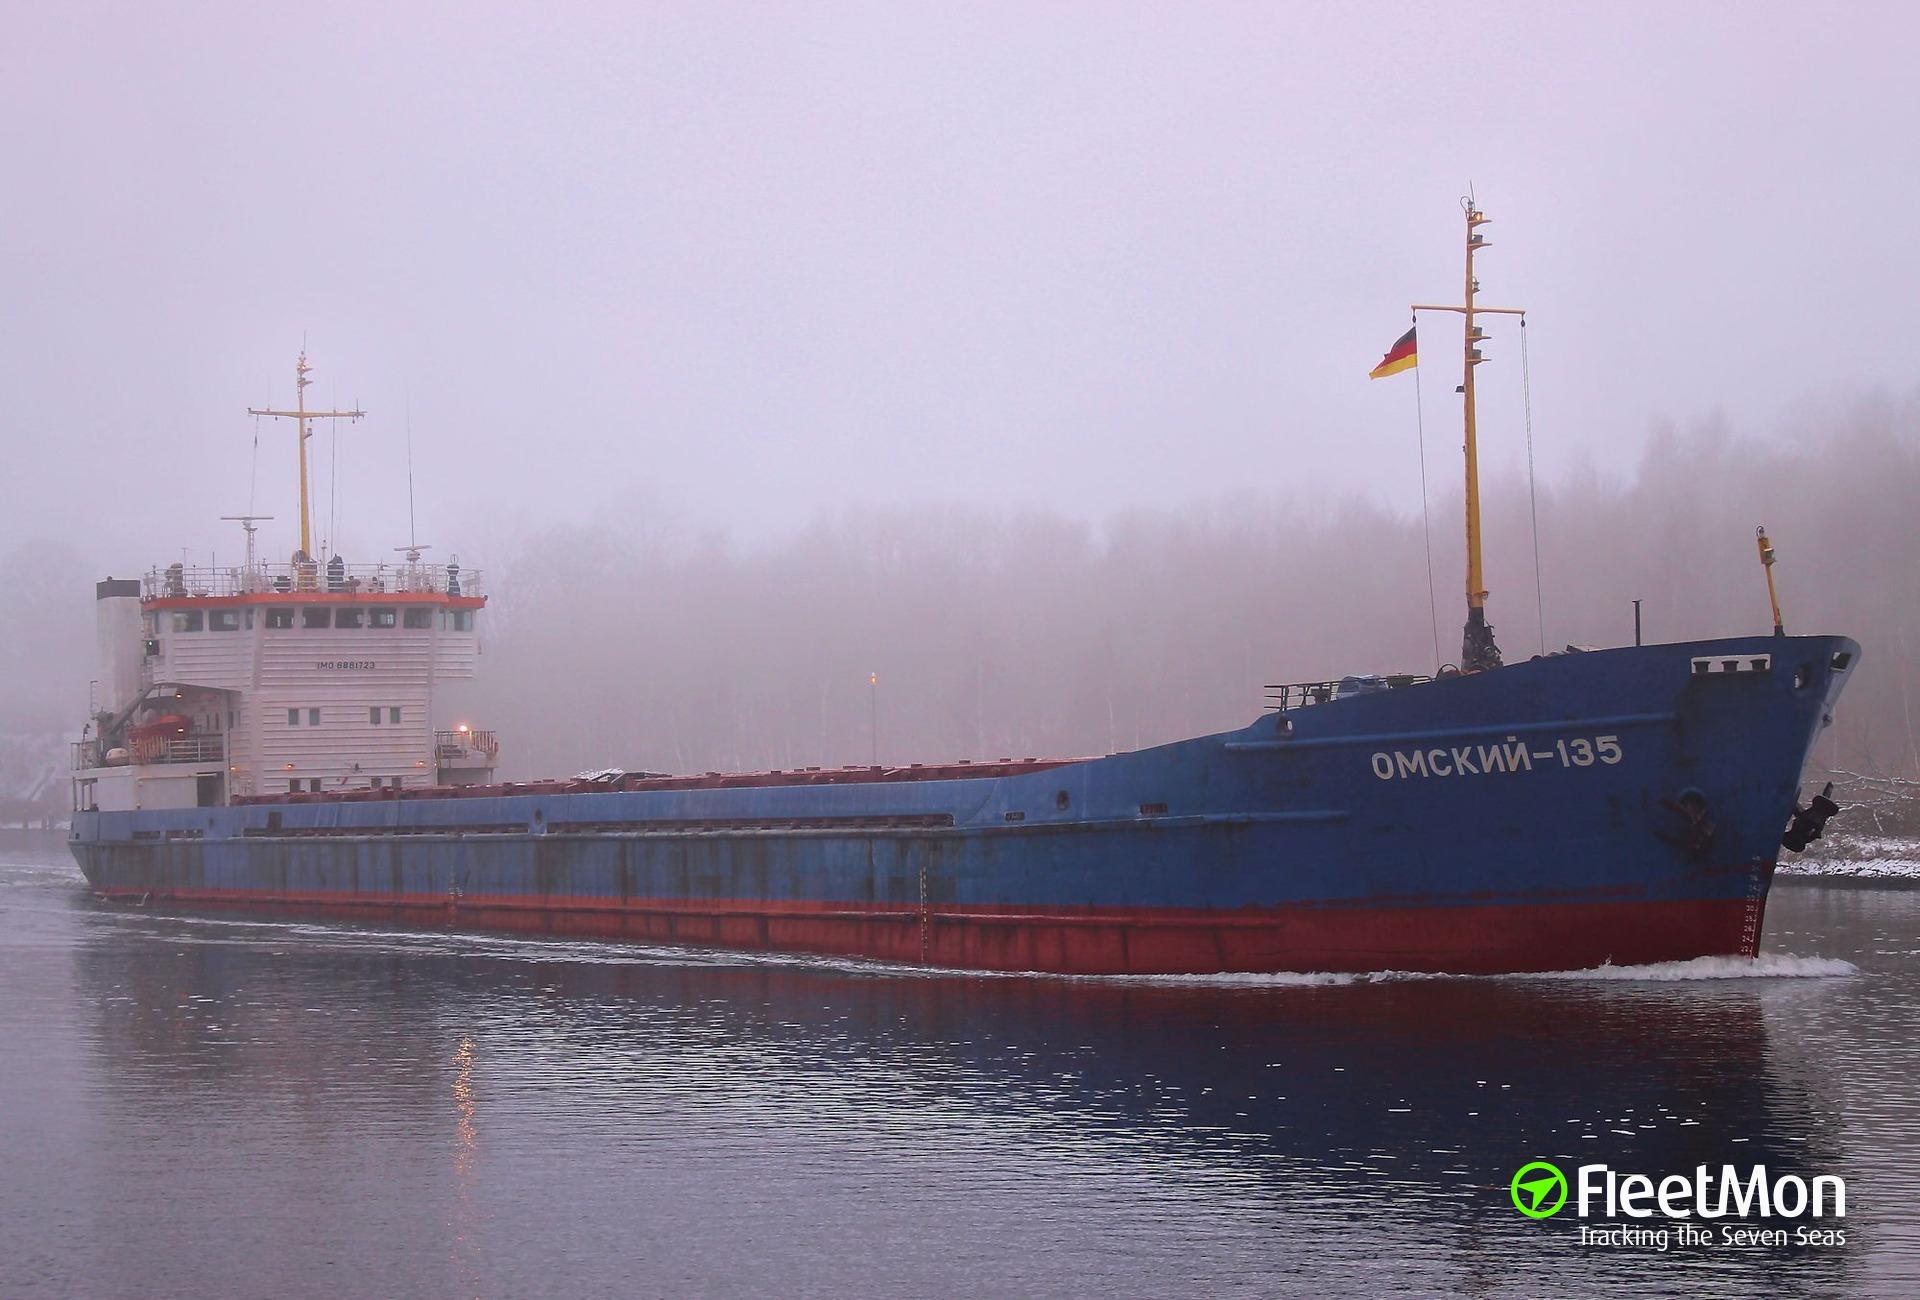 OMSKIY-135 aground, river Svir